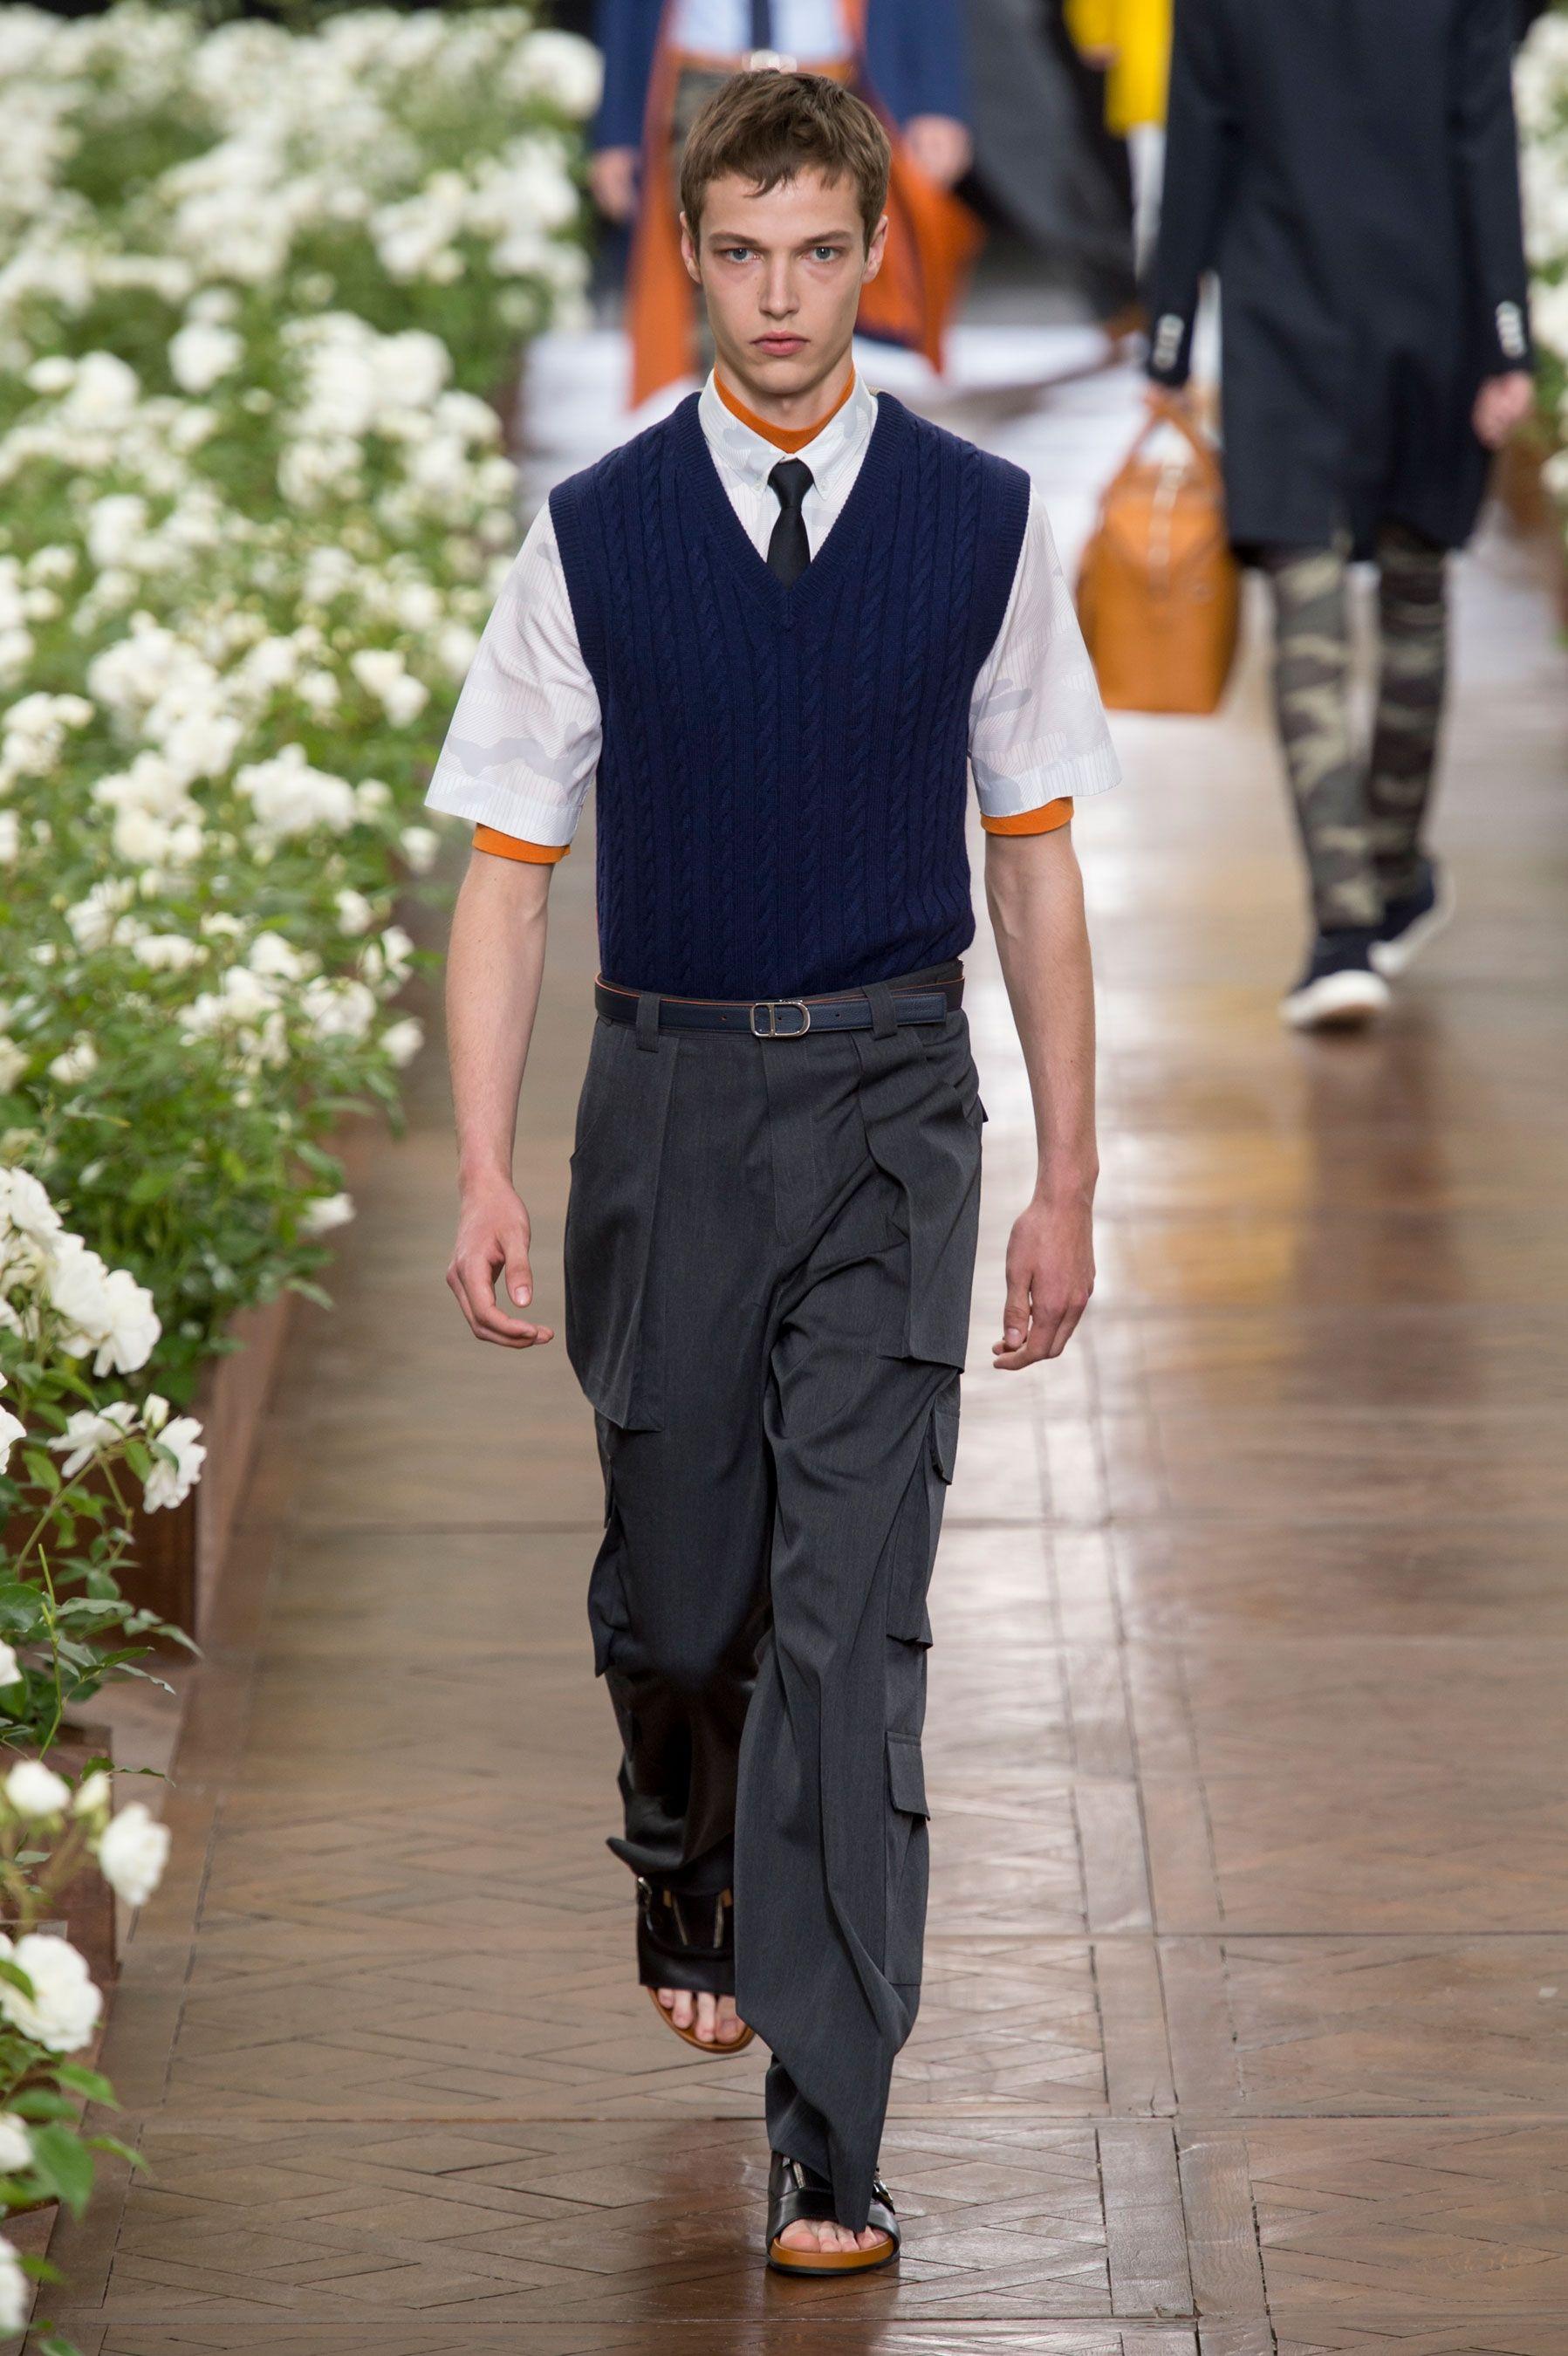 Dior Homme Spring Summer 2016 Primavera Verano #Menswear #Trends #Tendencias #Moda Hombre - Paris Fashion Week